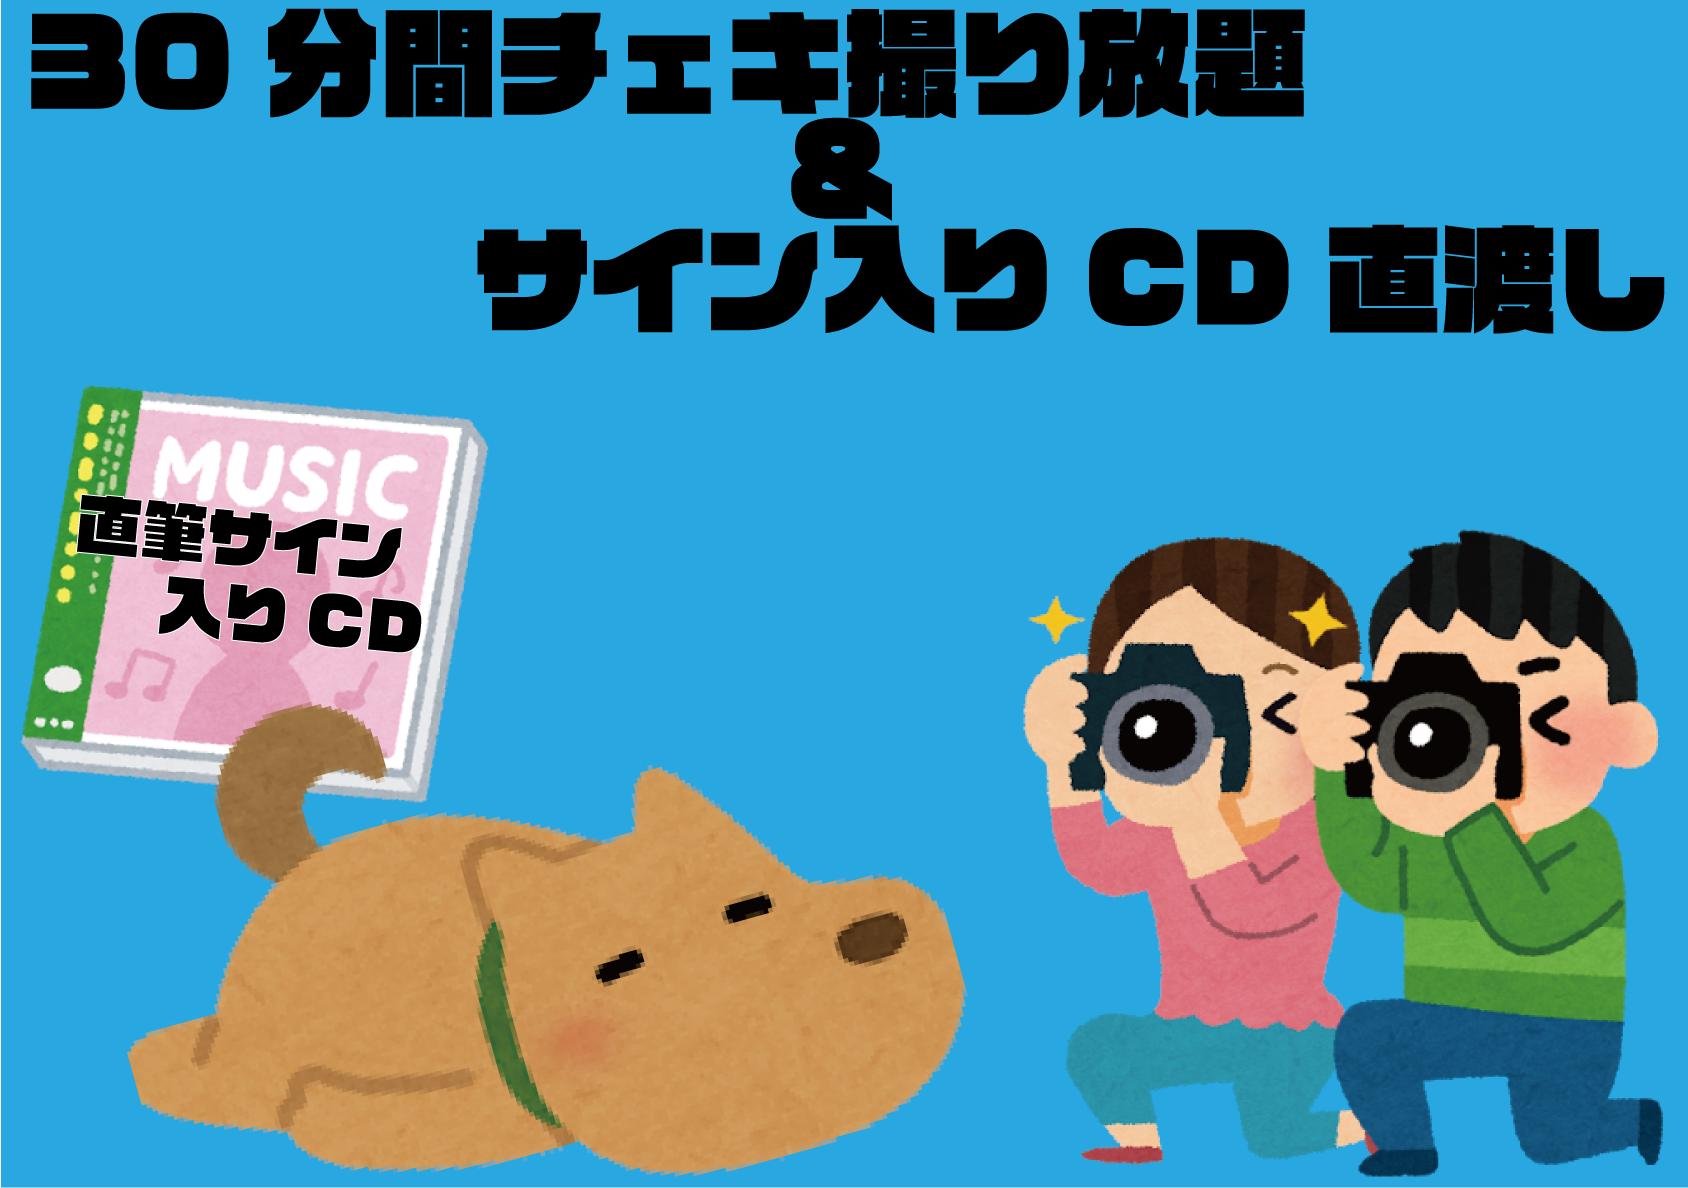 <nana 30分間チェキ撮り放題&サイン入りCD直渡し プラン>